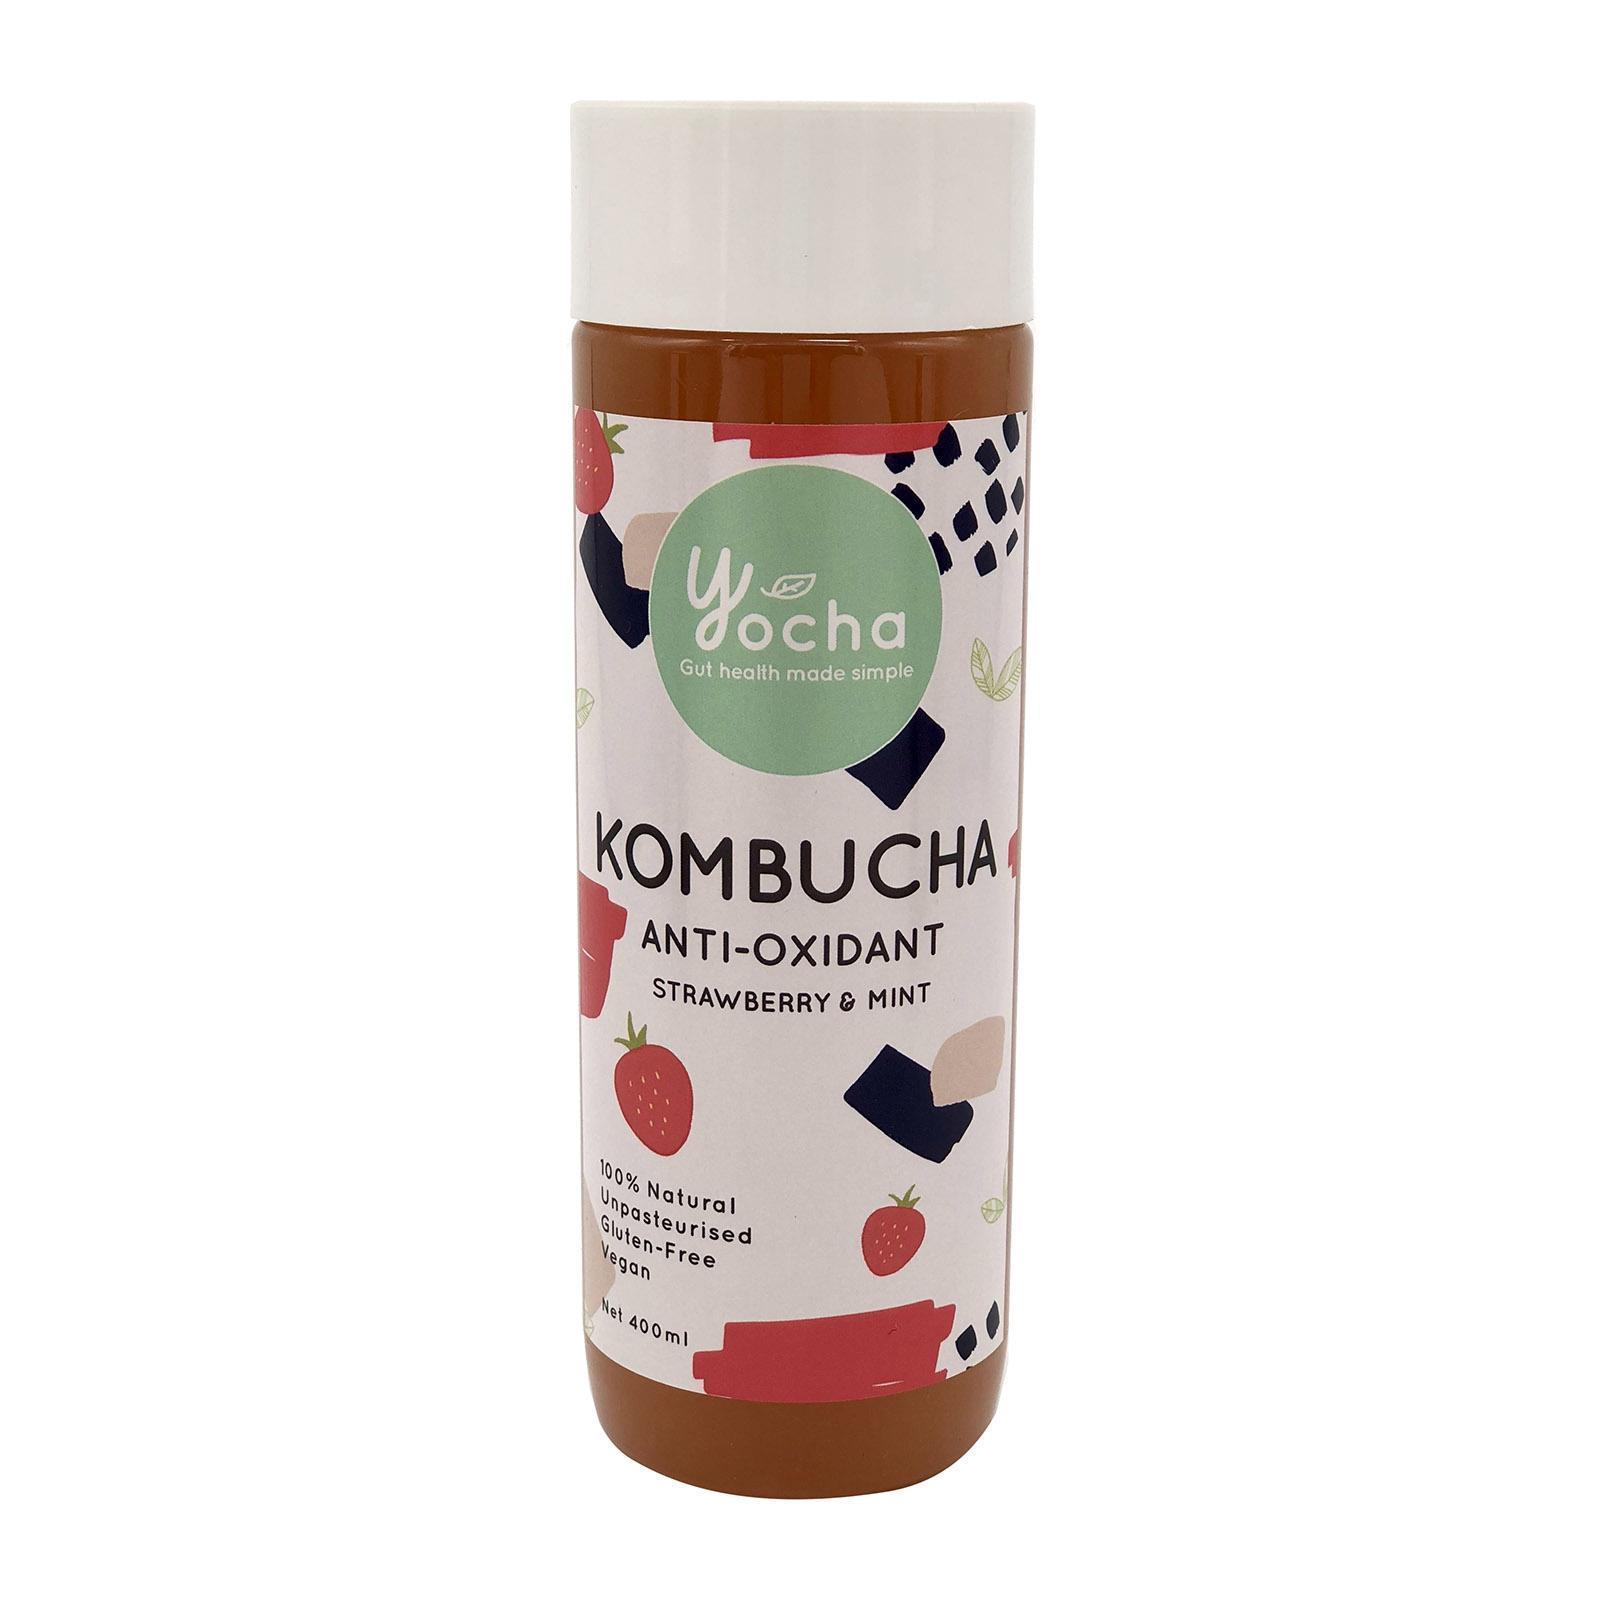 Yocha Kombucha Anti-Oxidant - Strawberry And Mint By Redmart.